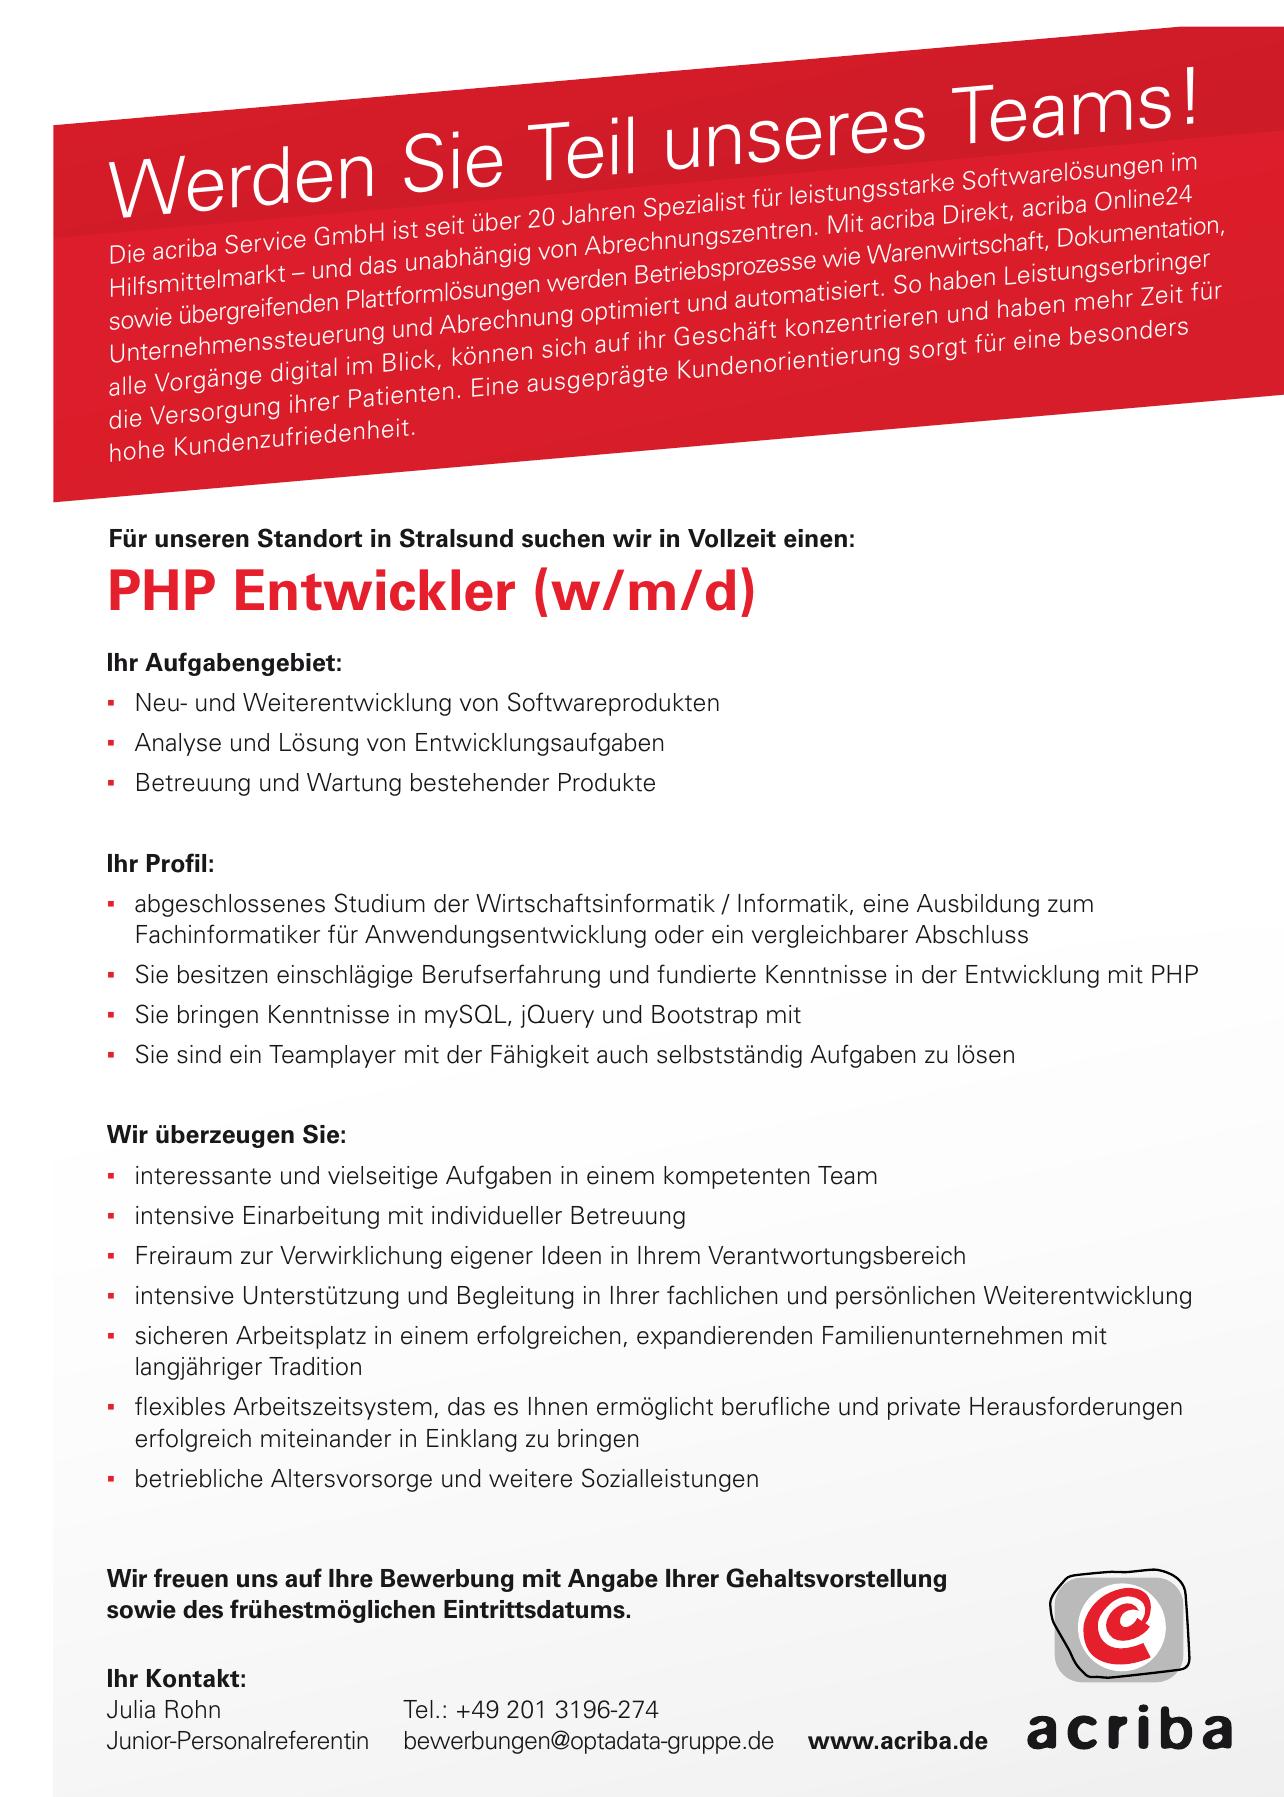 acriba Sebastian Scheidtmann Teamleiter Ausbildung & Recruiting